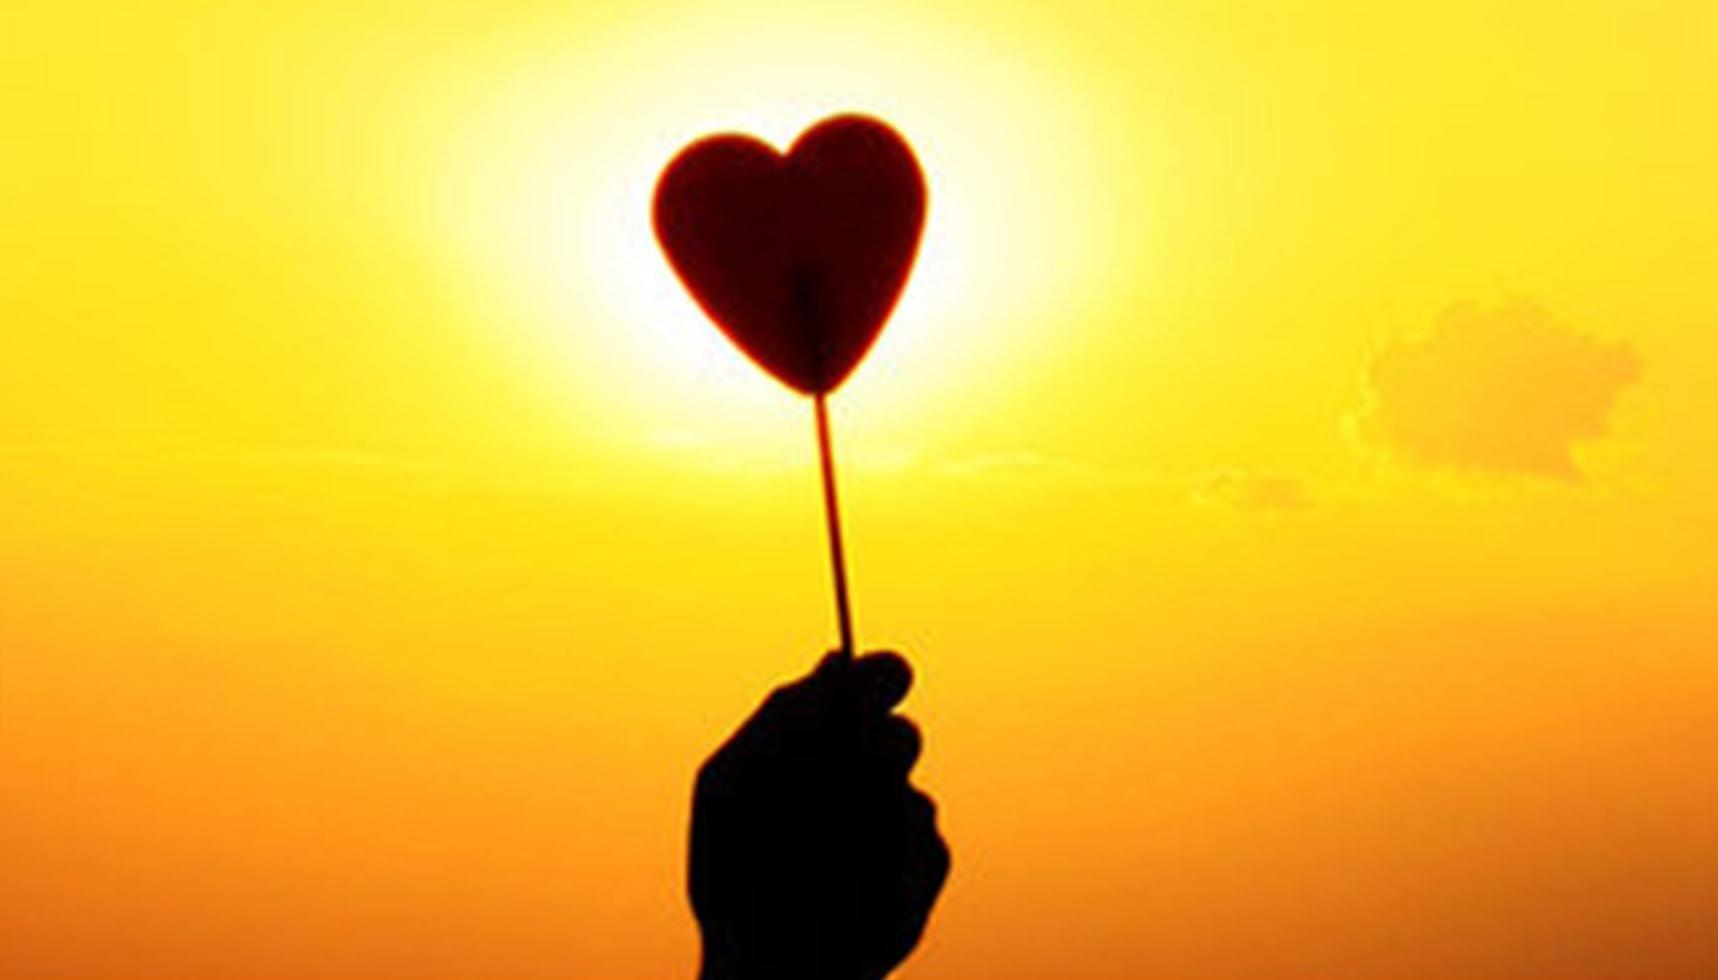 Kata Cinta Untuk Kekasih Gelap